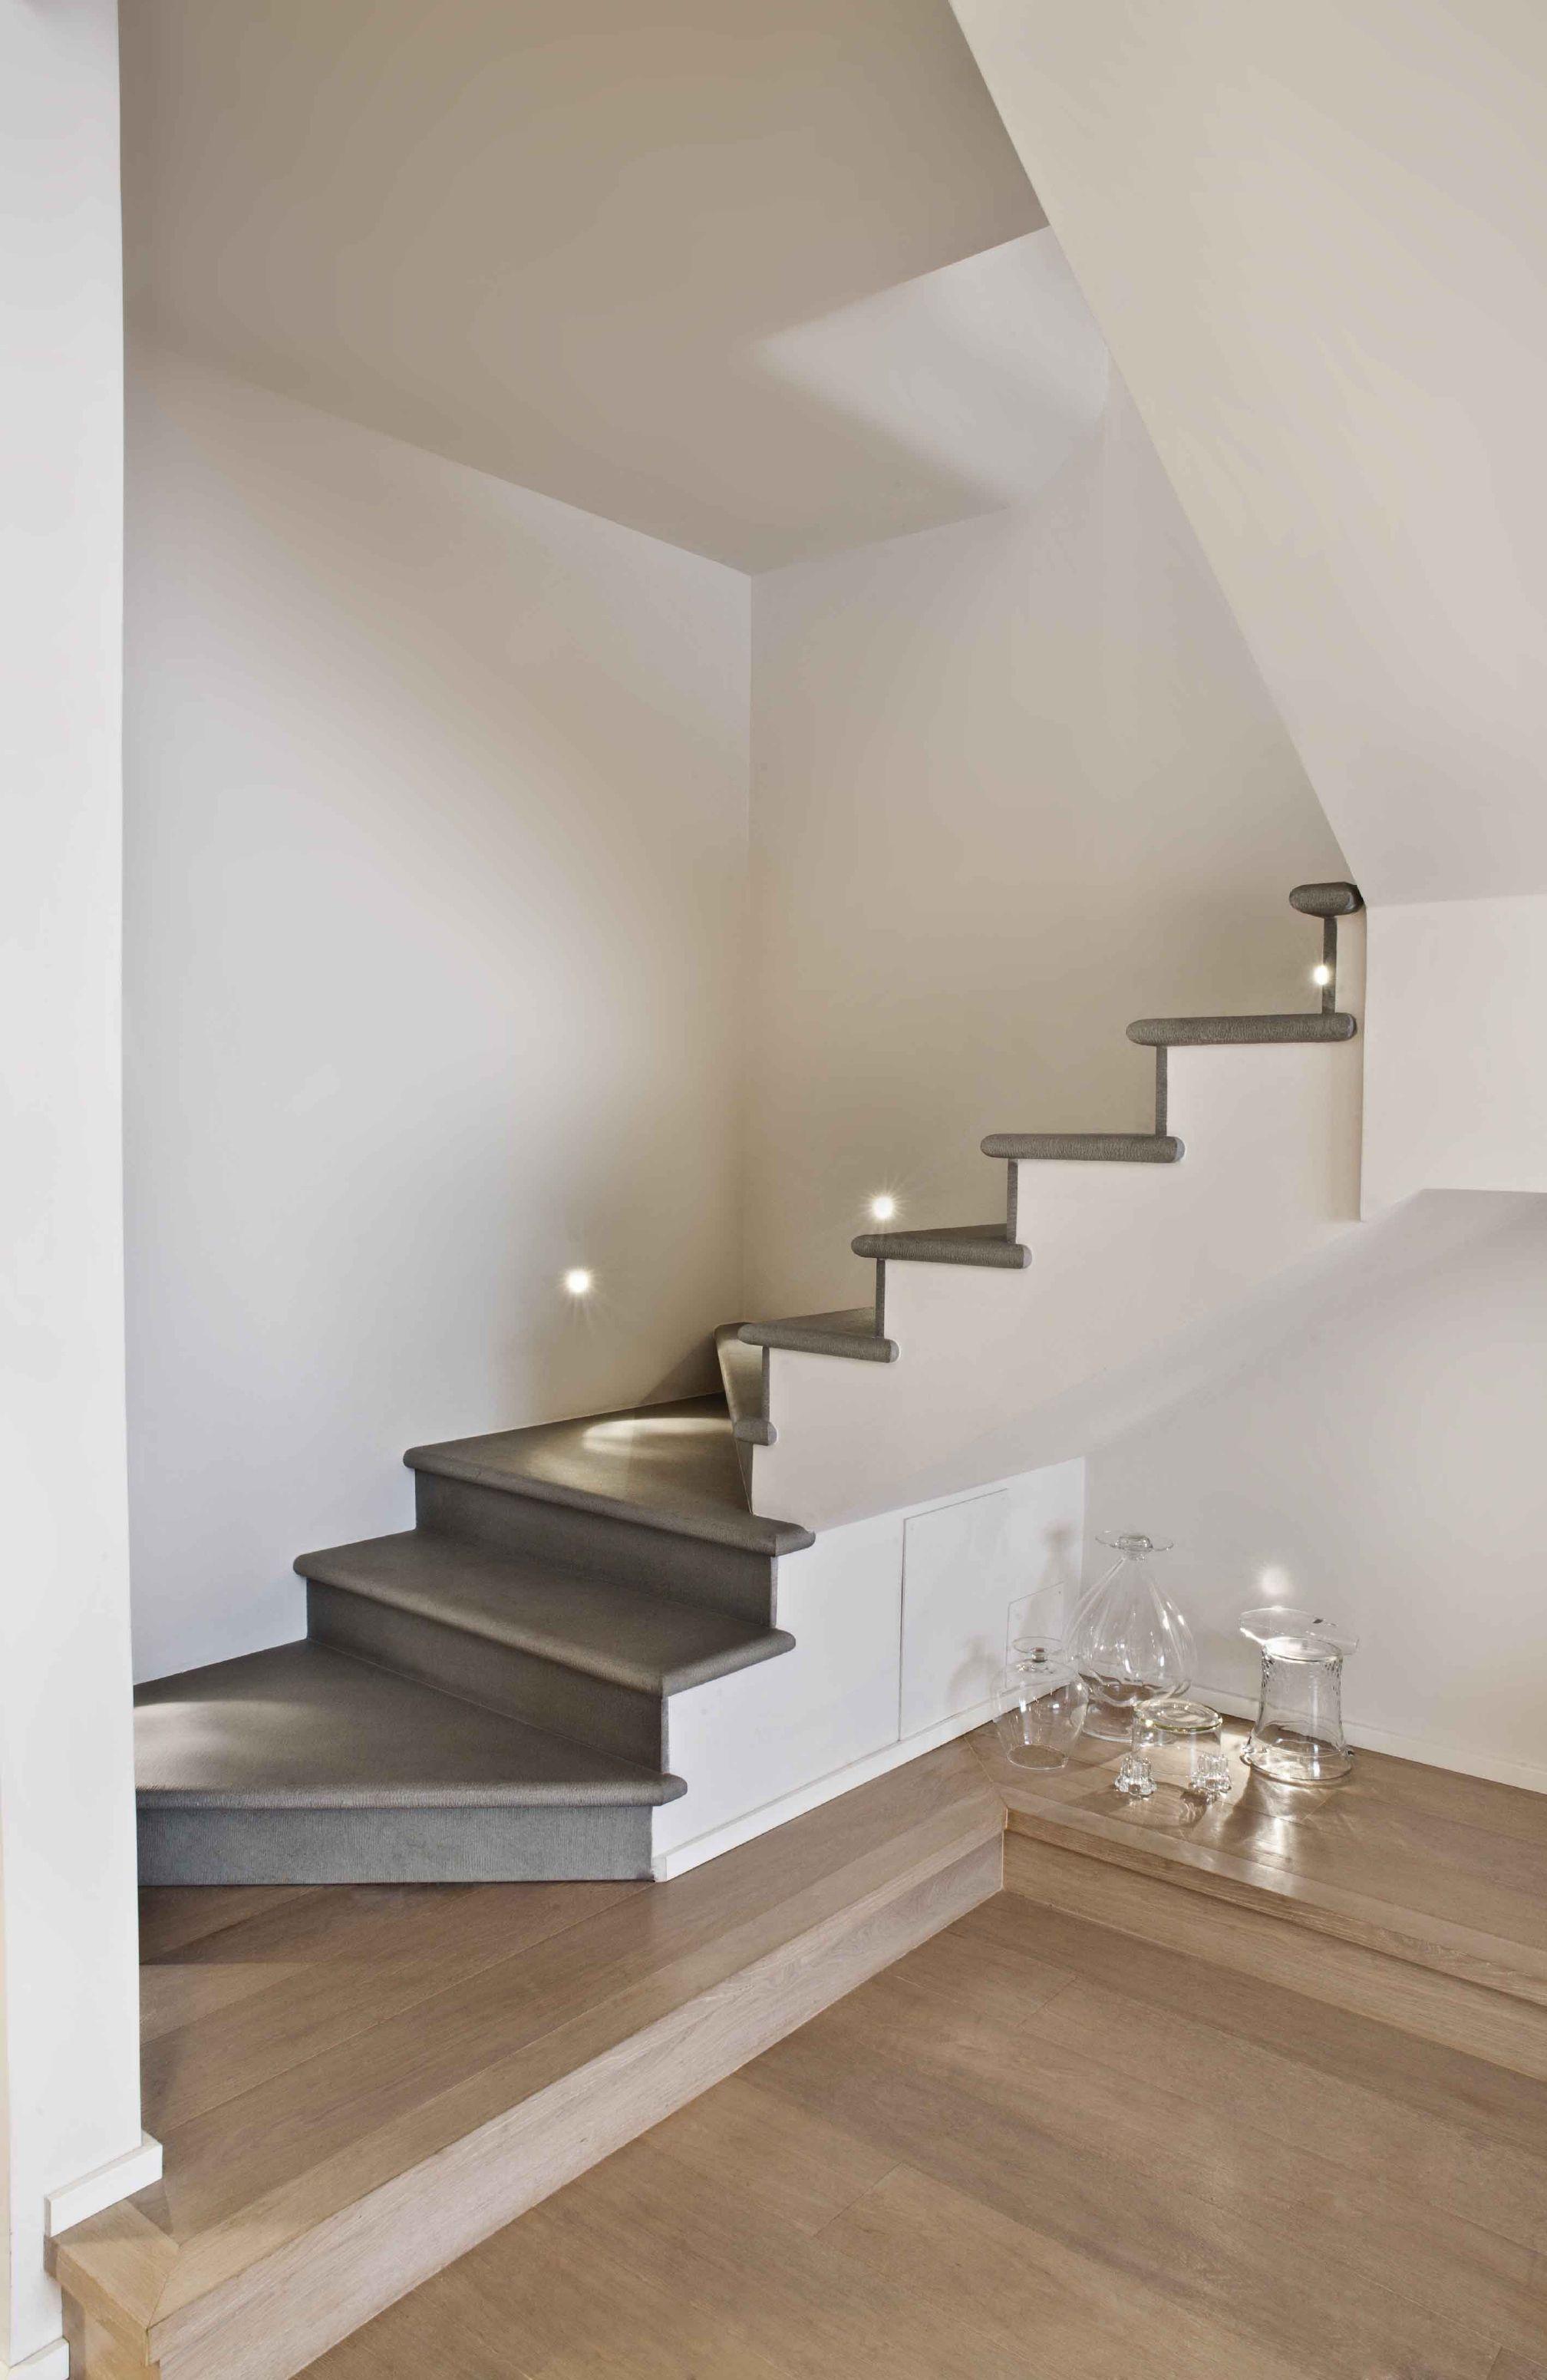 le scale a giorno